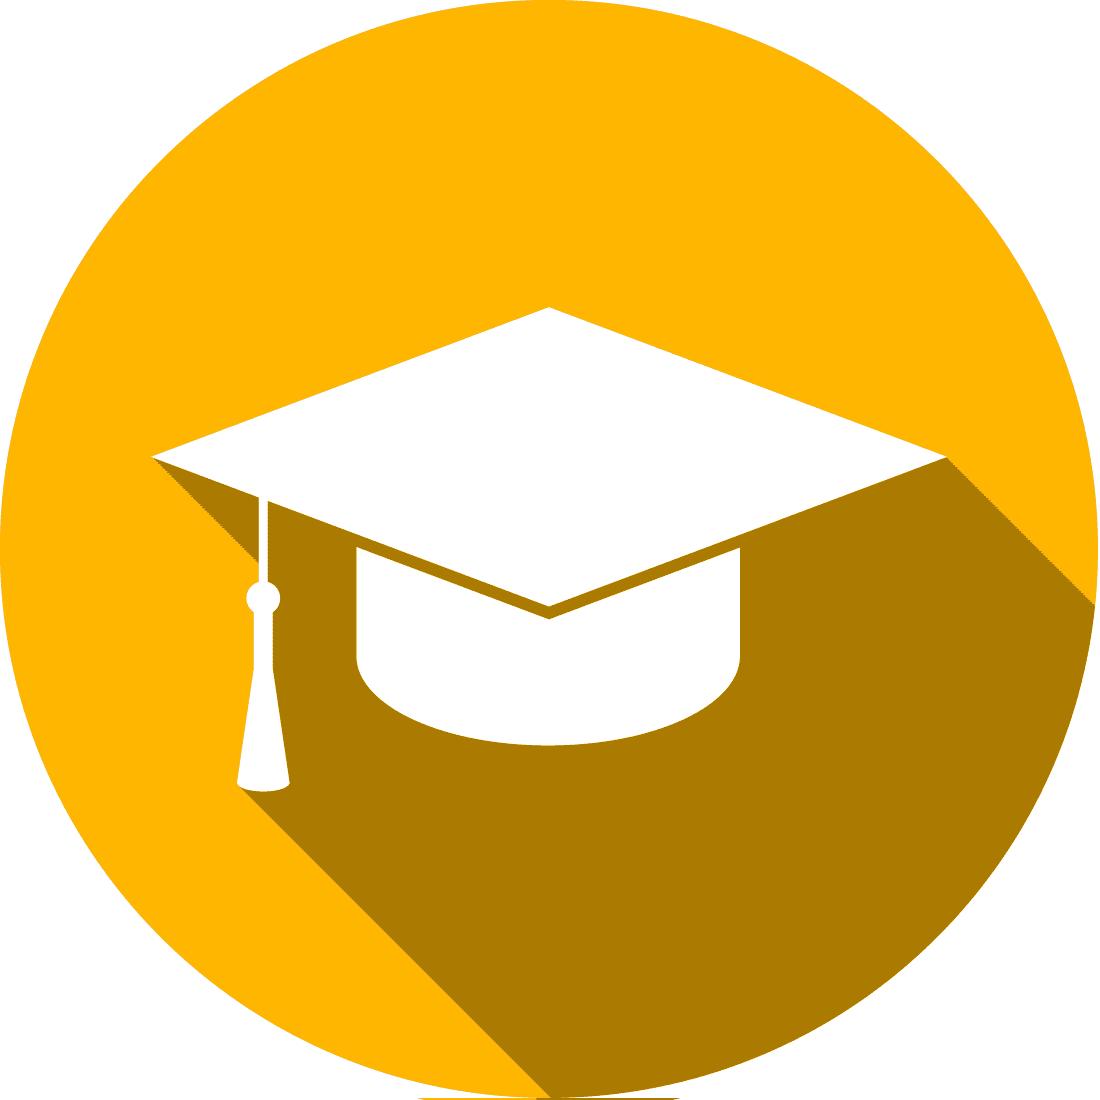 diplome icon images usseek com graduation clipart 2017 graduation clipart for kids